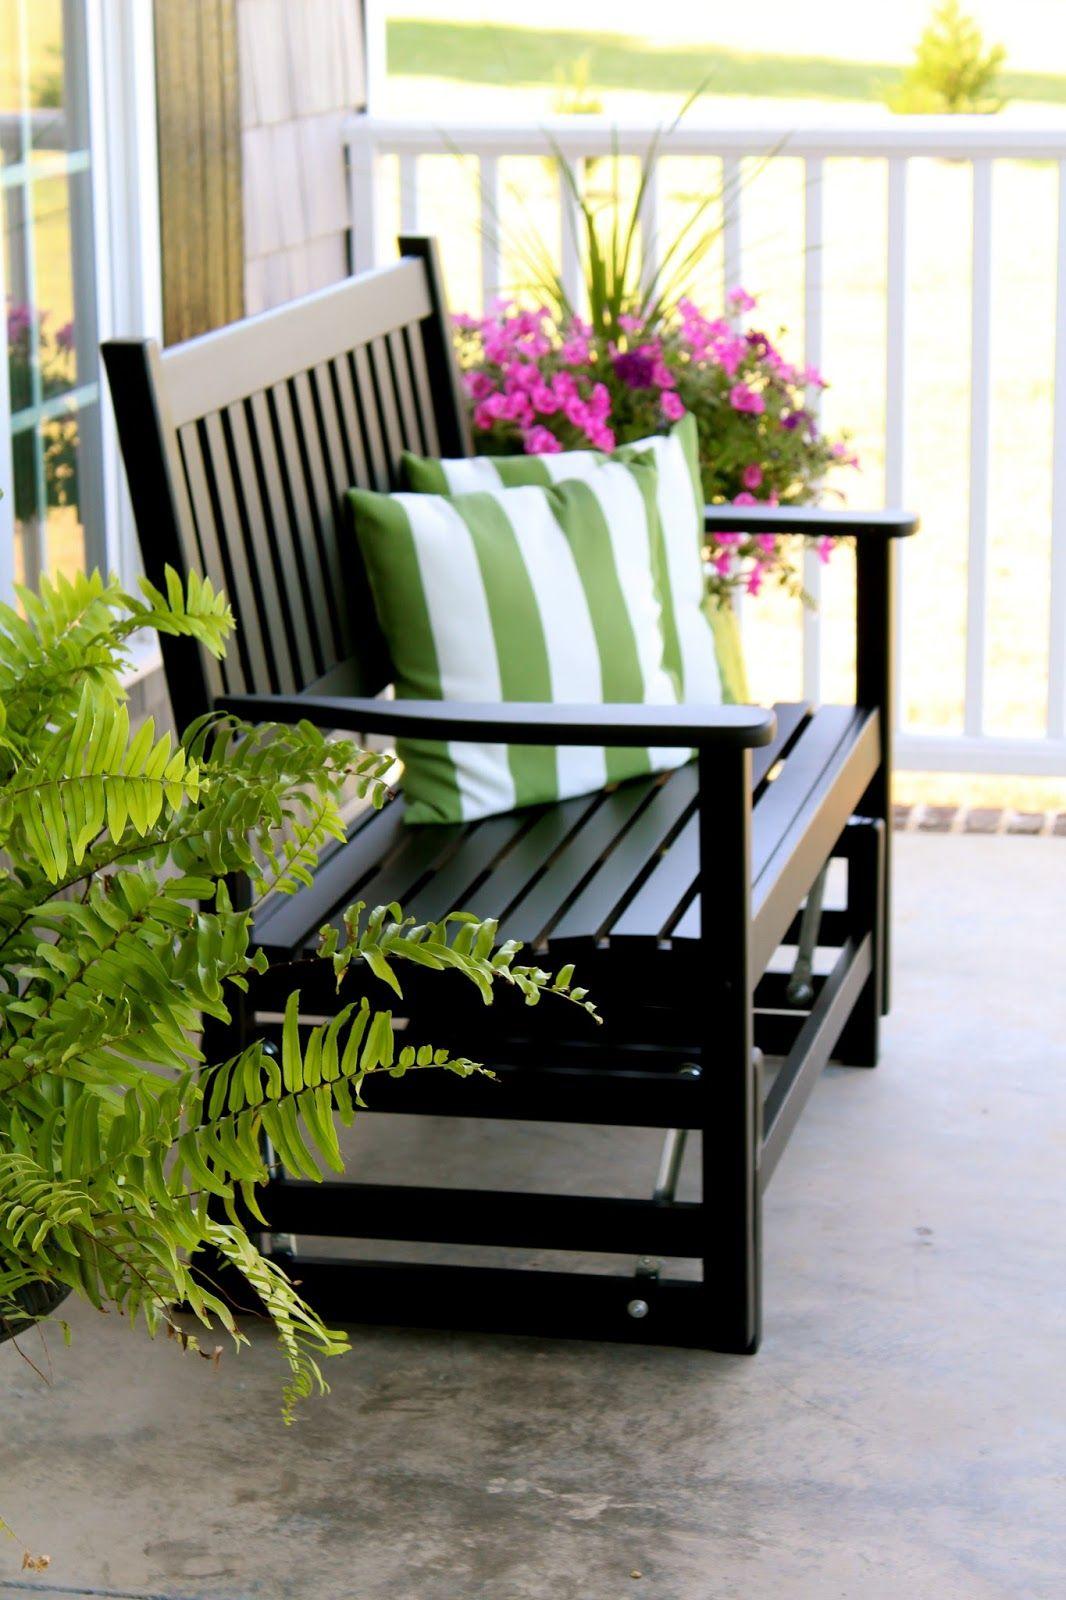 Wayfair Porch Glider Spring Front Decor